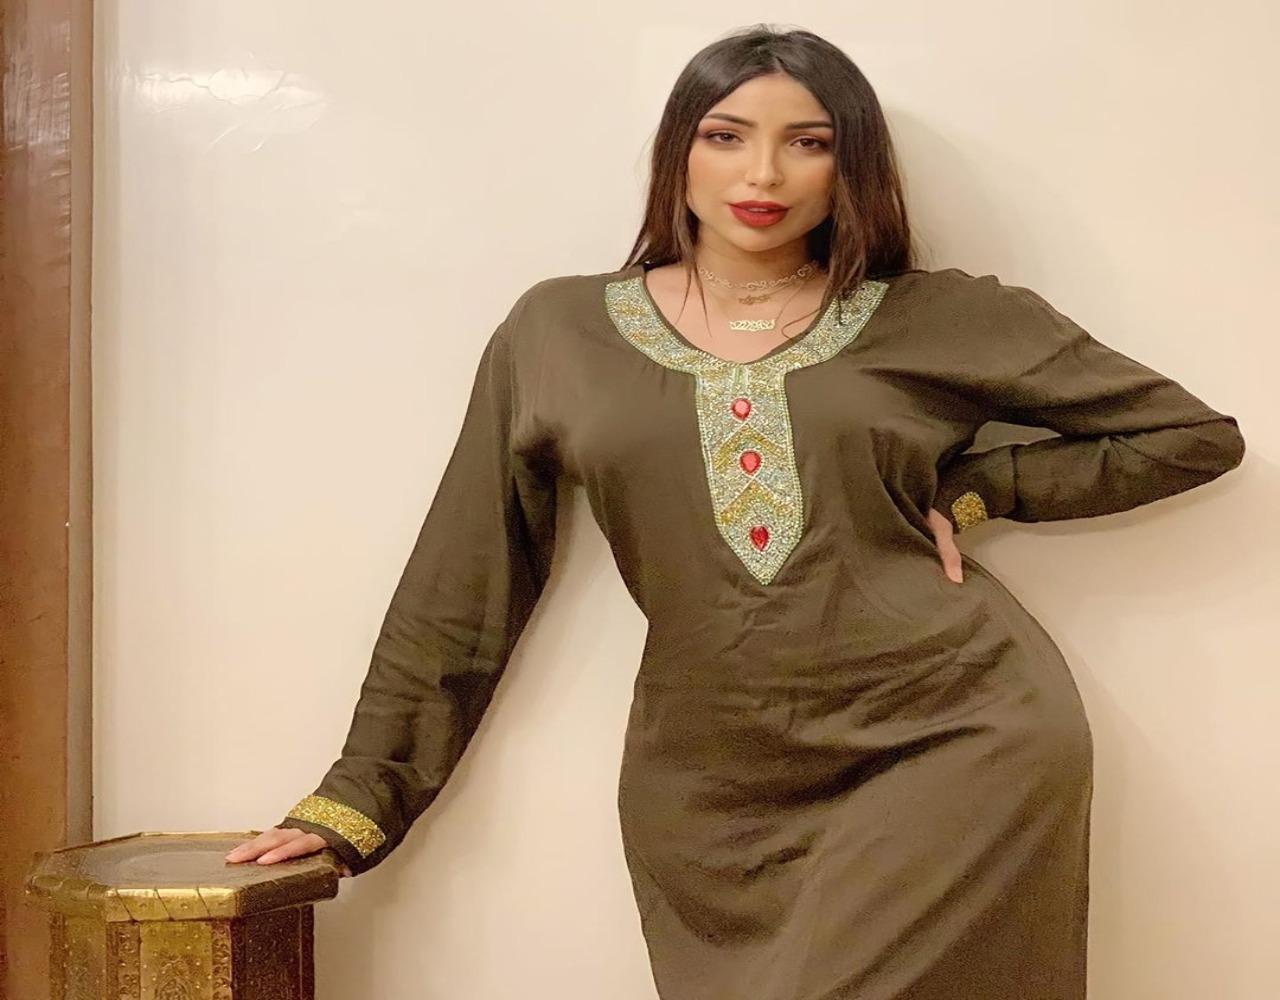 النجمة المغربية دنيا بطمة مع بناتها